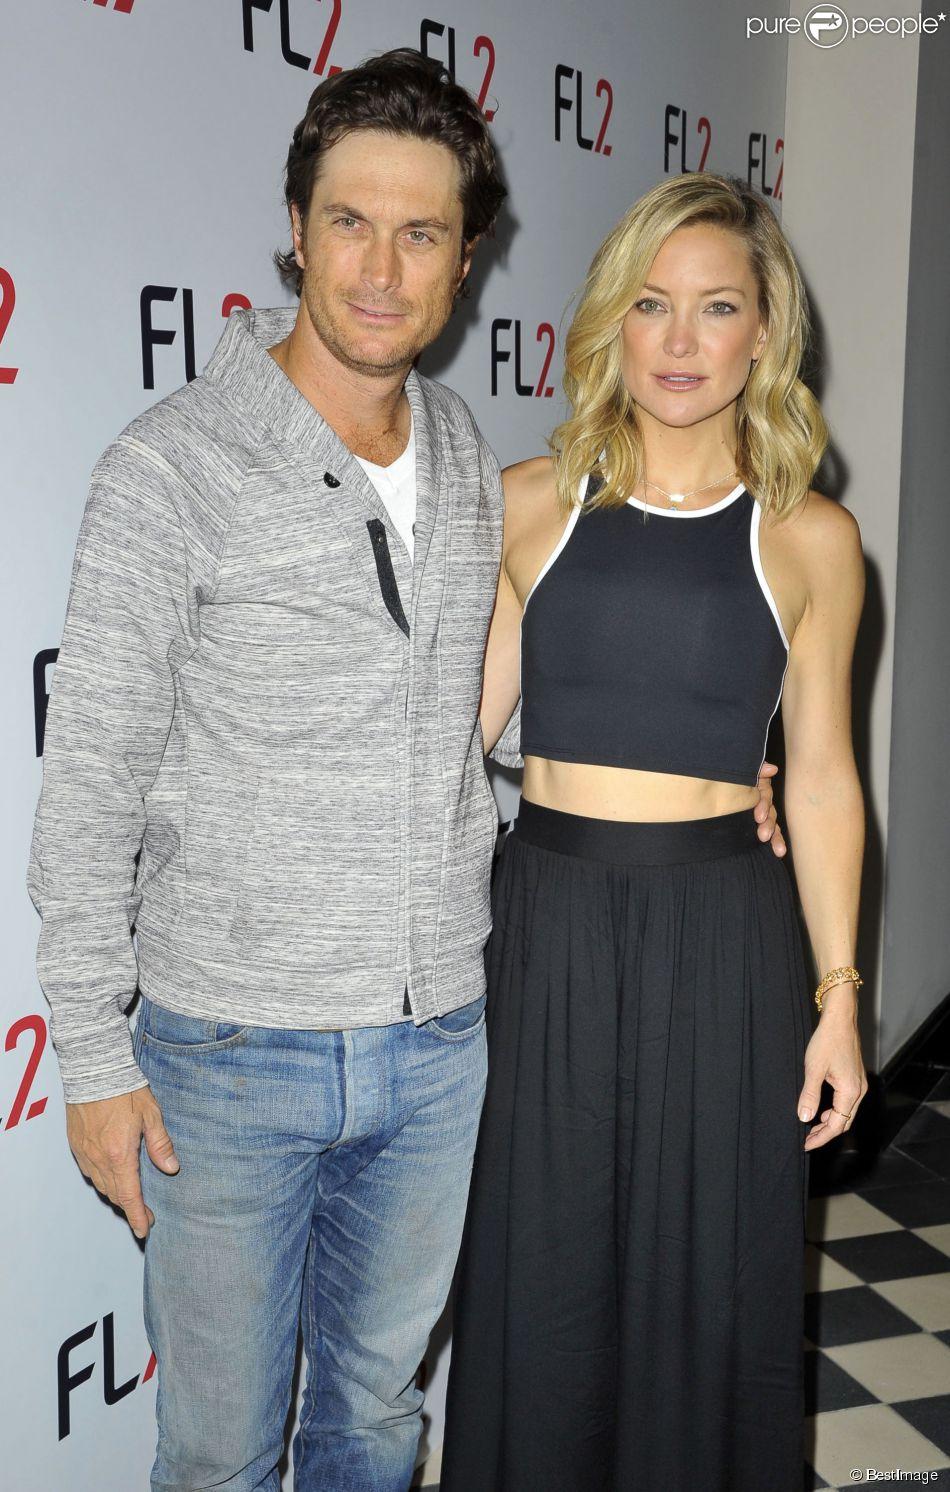 """Kate Hudson et son frère Oliver Hudson assistent à la soirée """"FL2 Launch"""" à New York, le 4 juin 2015"""